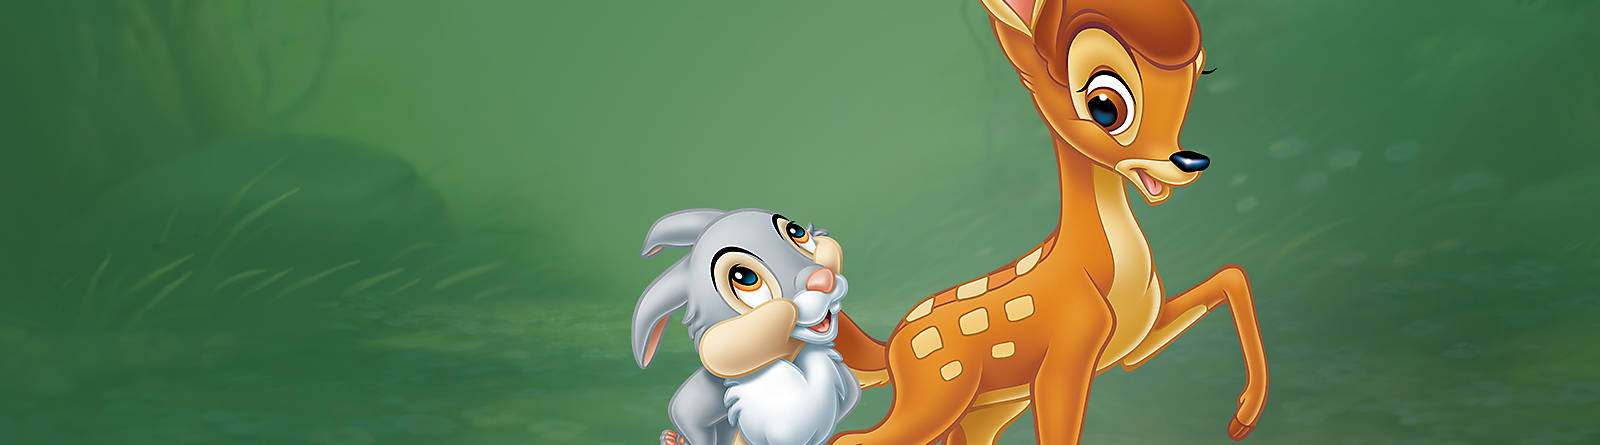 Bambi Entra nella natura incontaminata! Scopri la nostra collezione dedicata al tenero cerbiatto Bambi, che comprende statuette originali, giocattoli e regali per tutte le età targate Disney